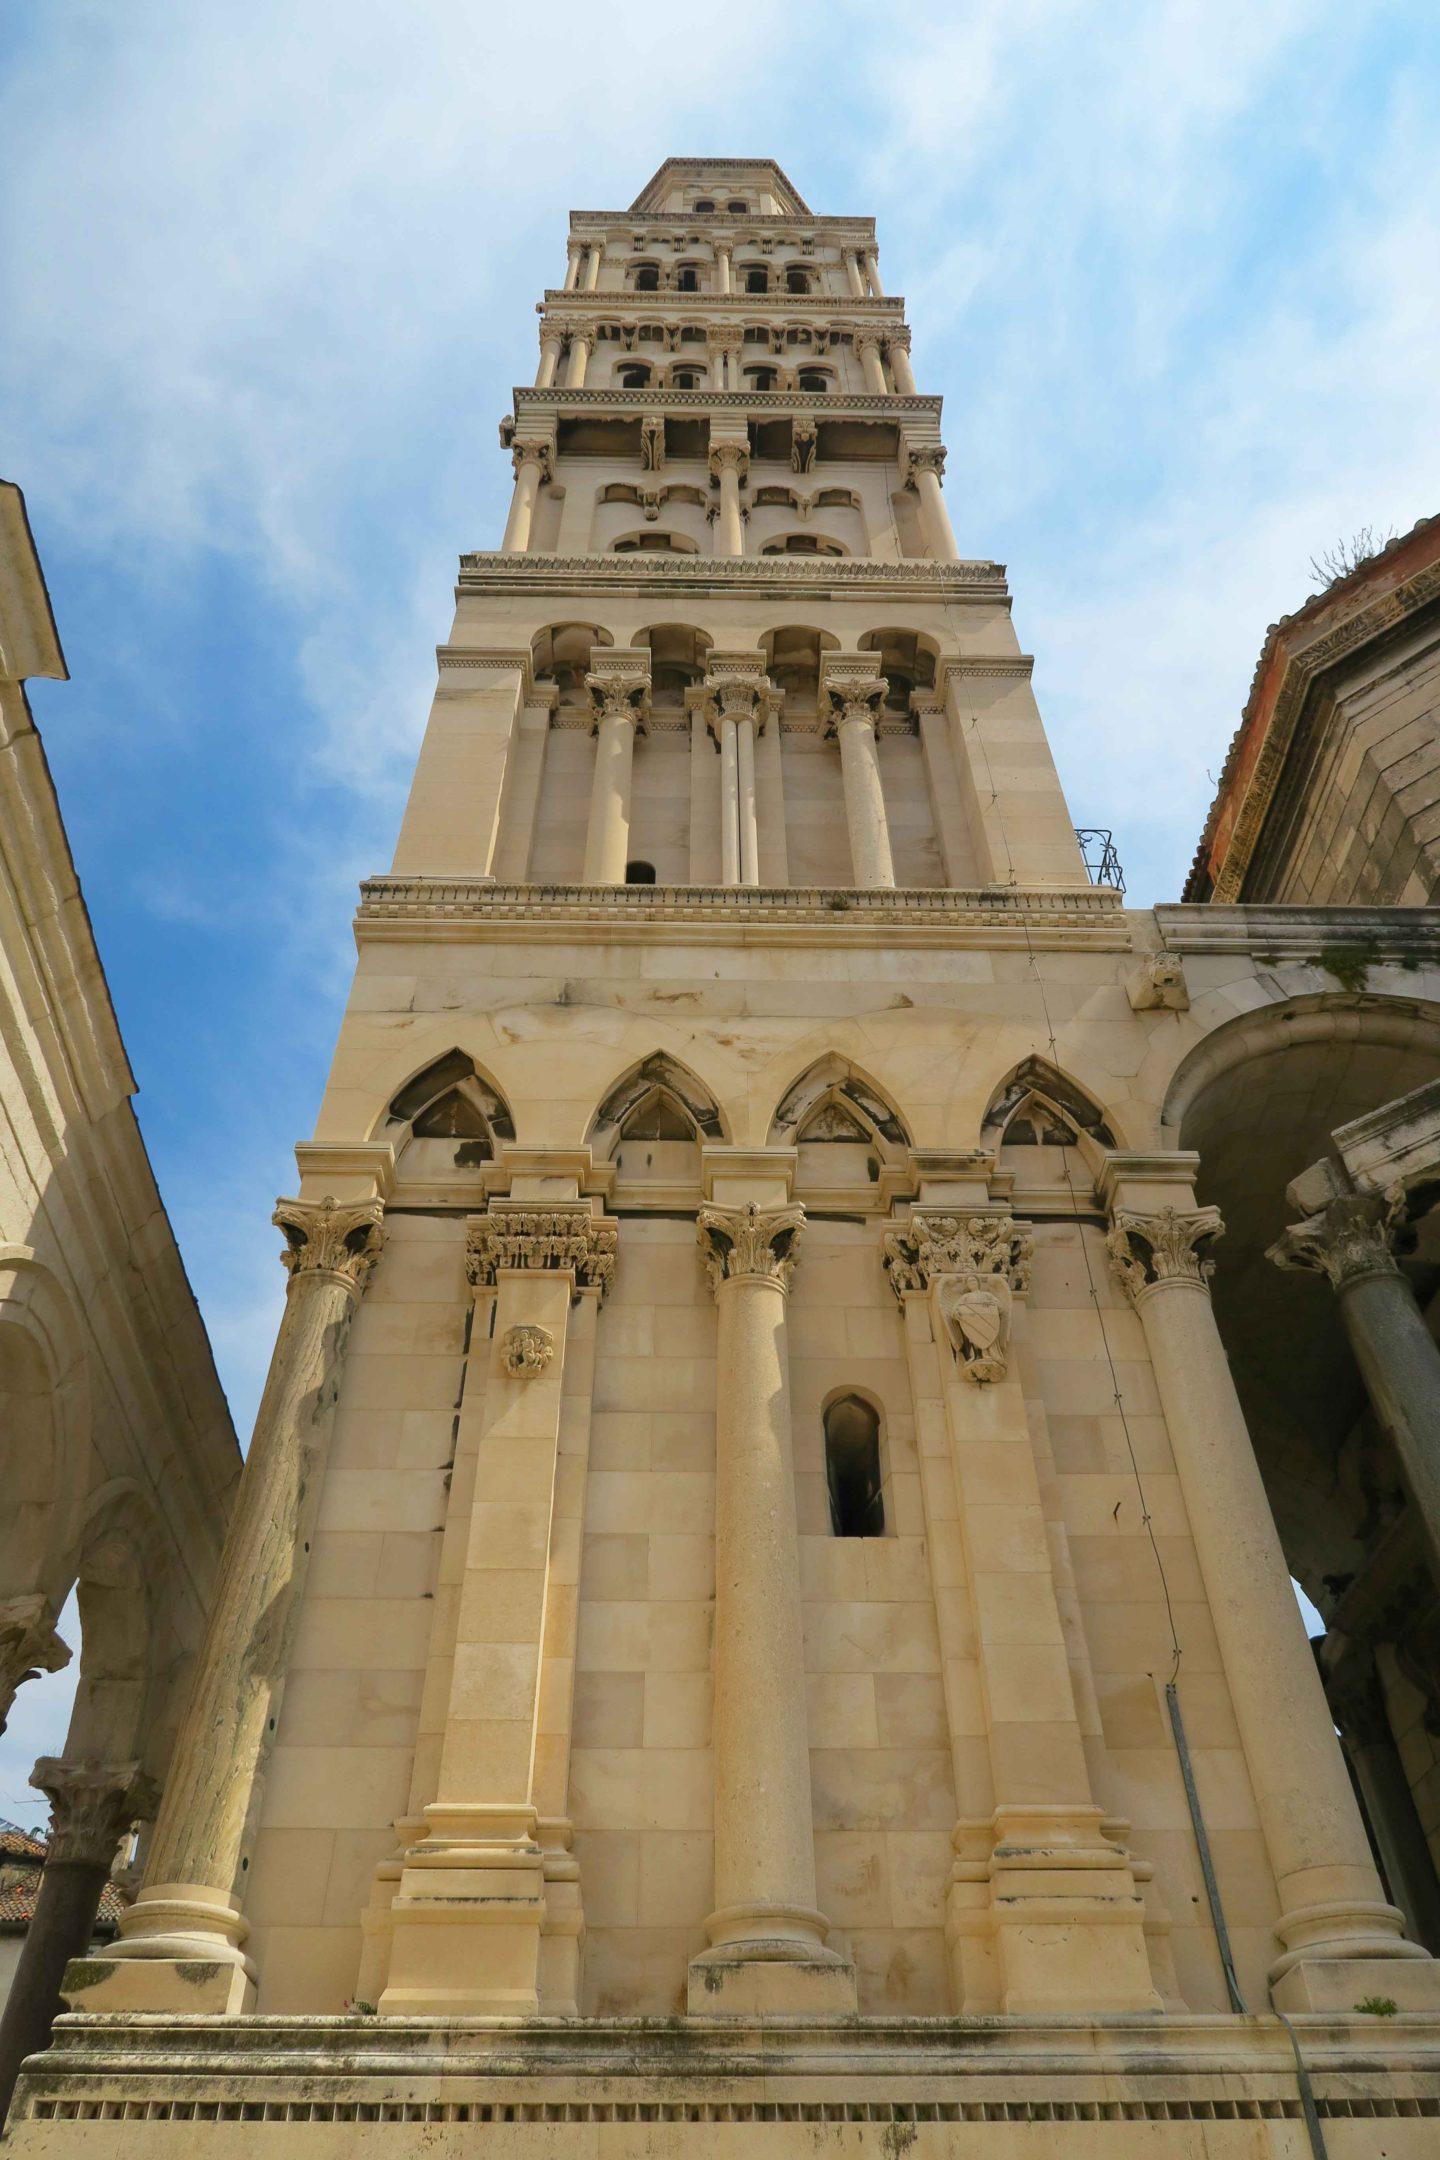 Saint Domnius Bell Tower in Split Croatia